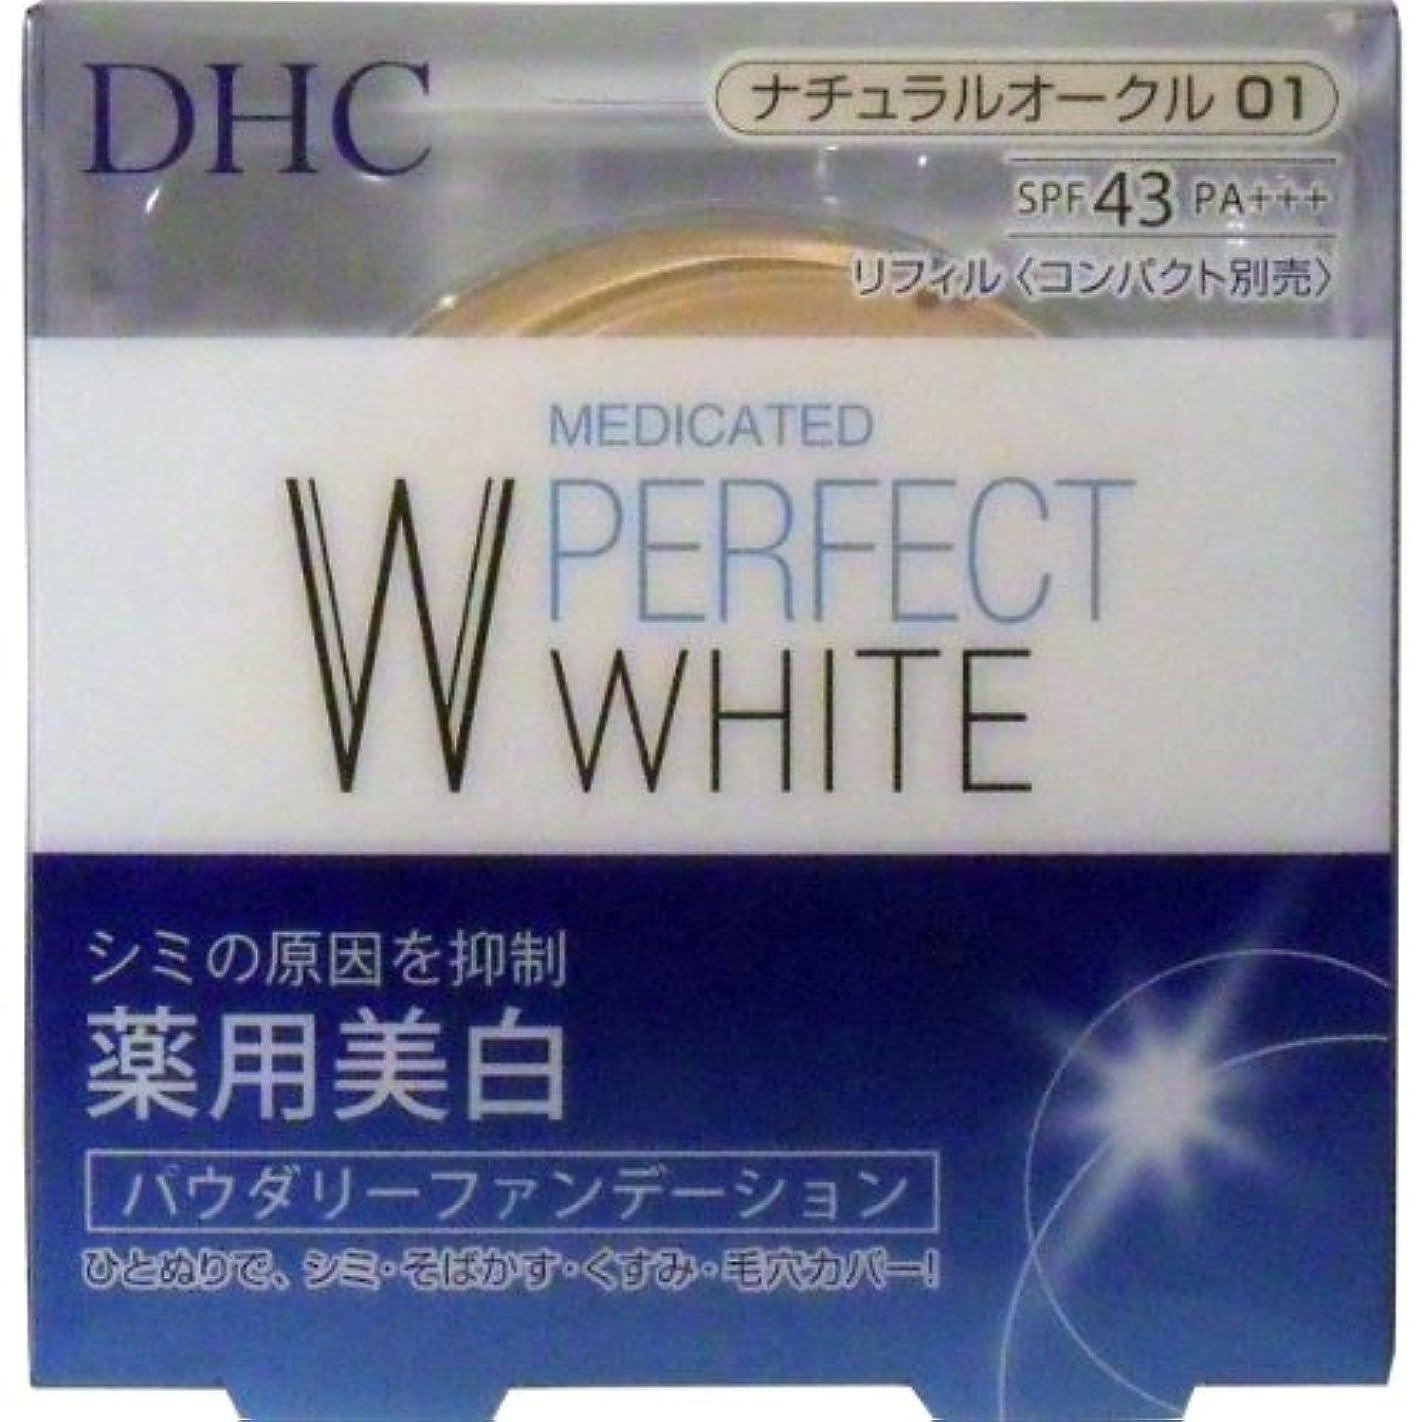 気質テクニカル細分化するDHC 薬用美白パーフェクトホワイト パウダリーファンデーション ナチュラルオークル01 10g